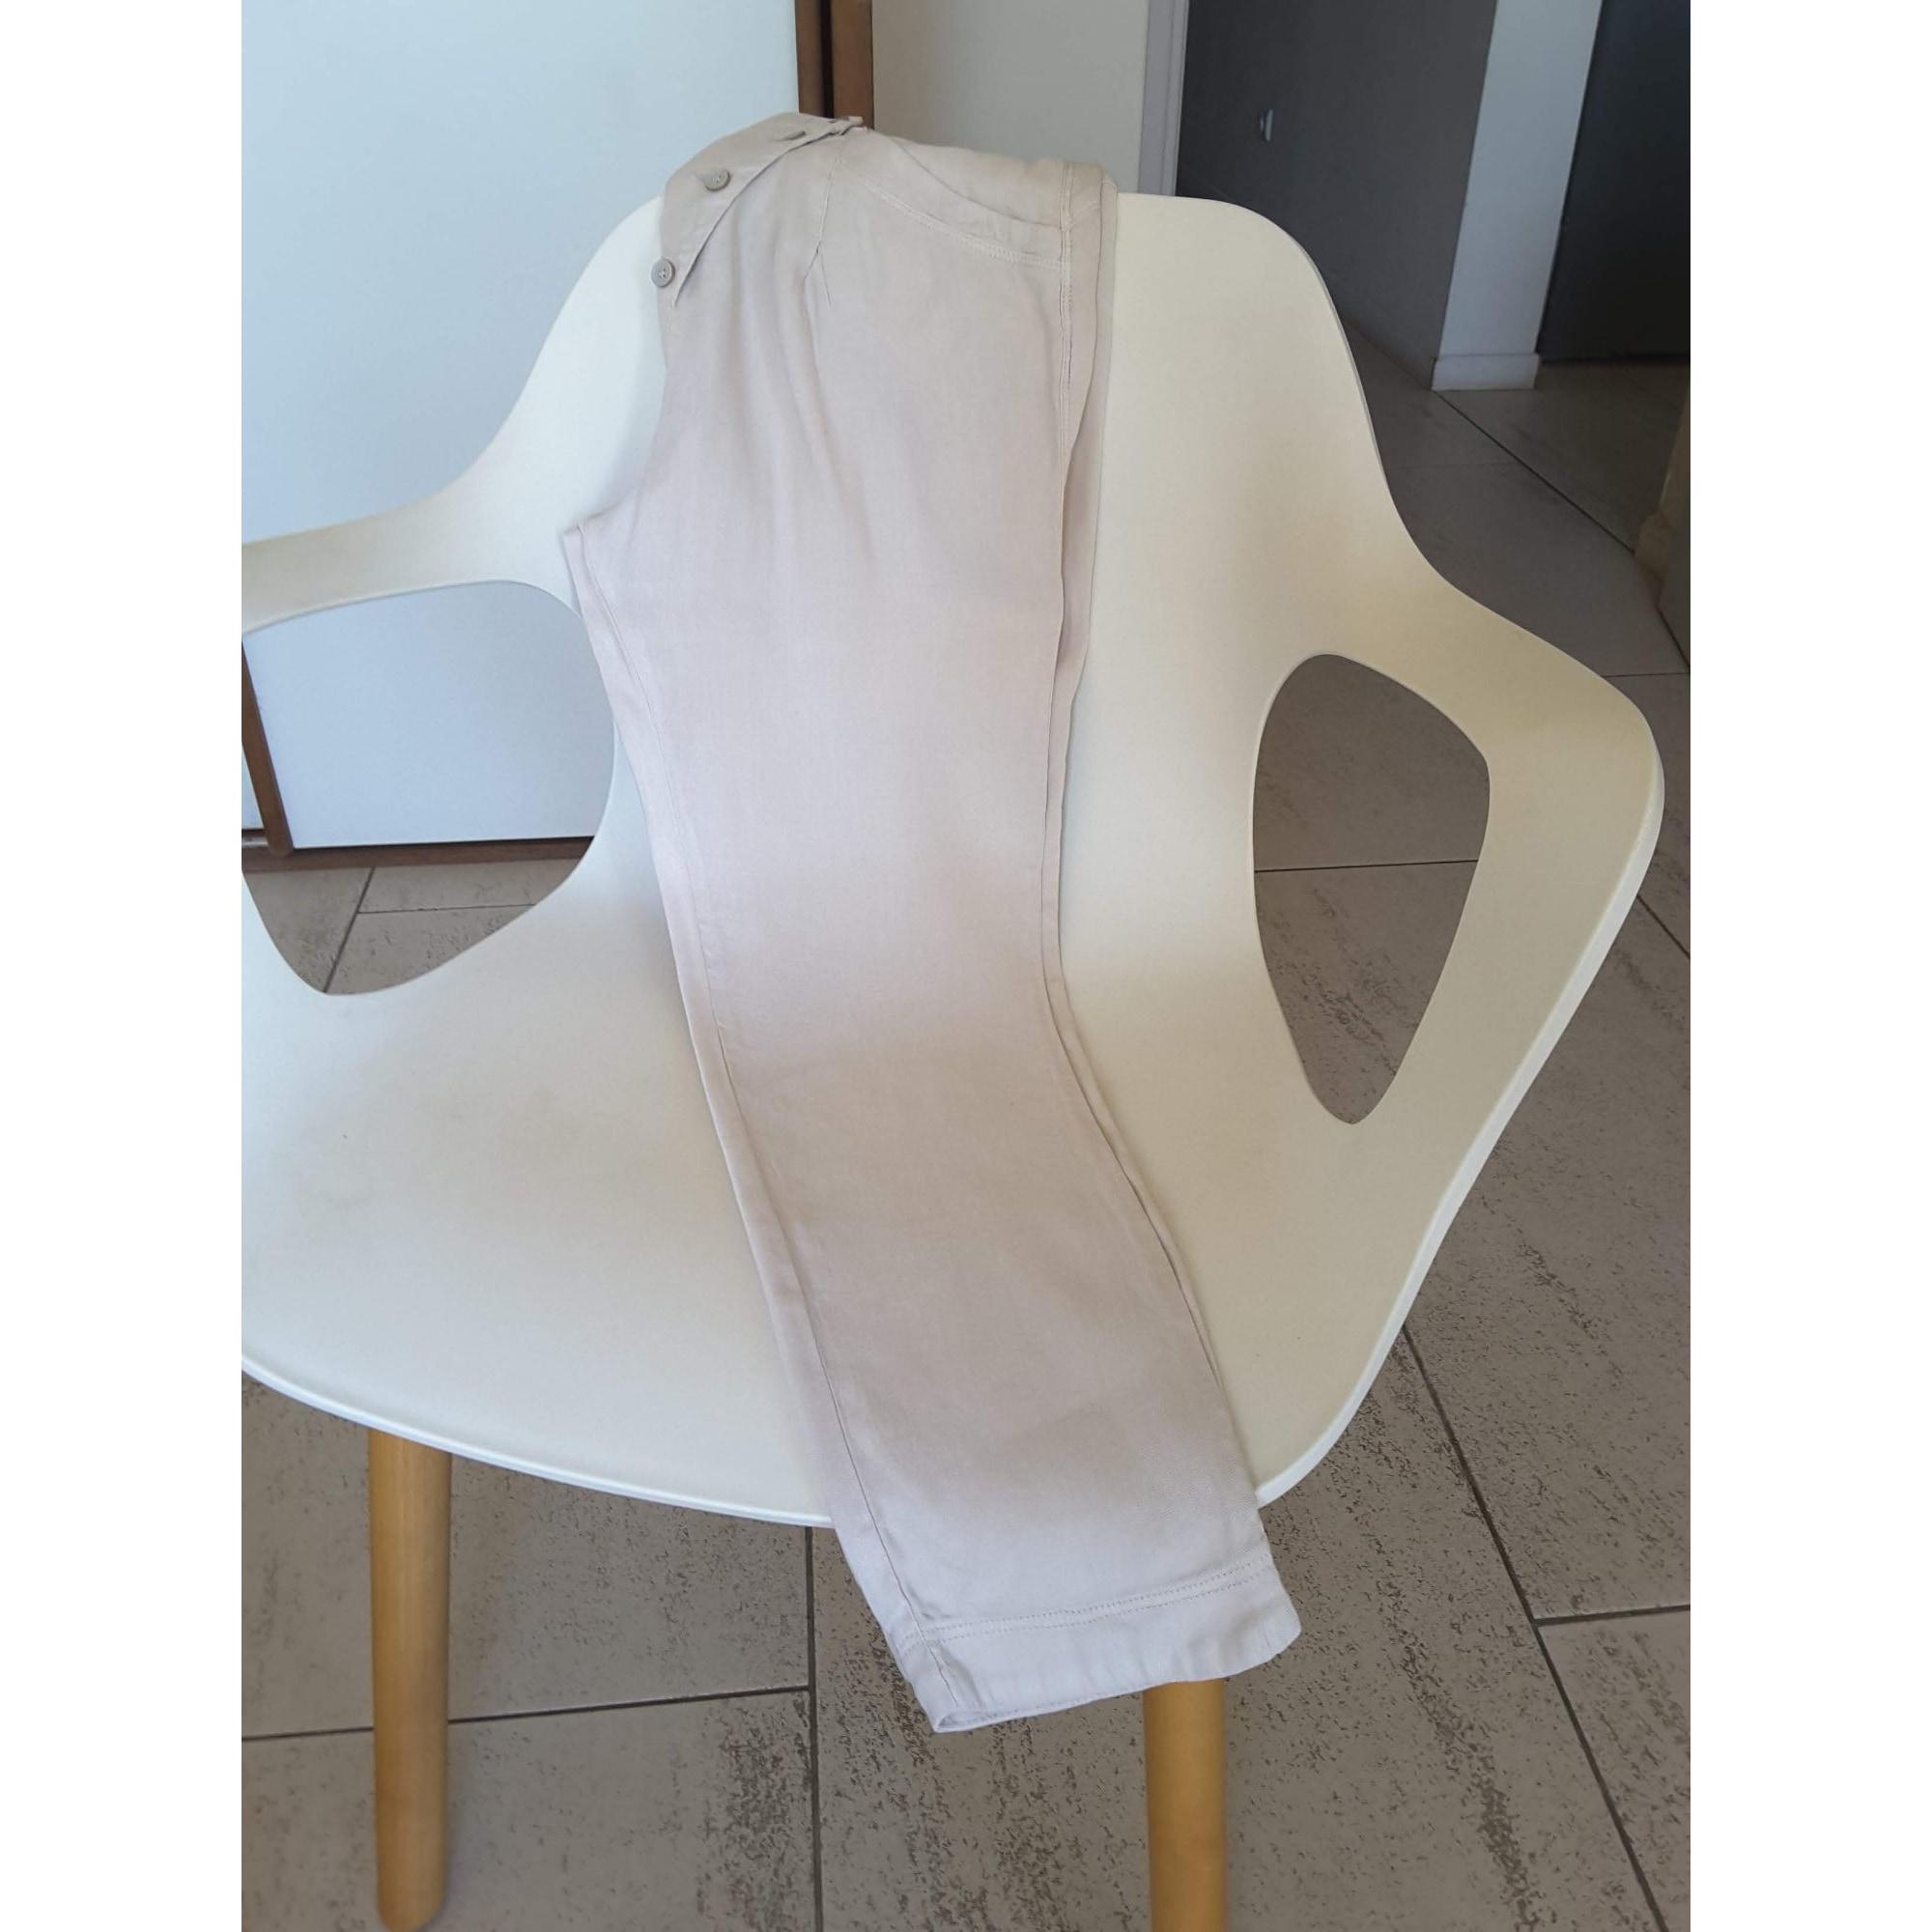 Pantalon carotte TRANSIT PAR SUCH Blanc, blanc cassé, écru